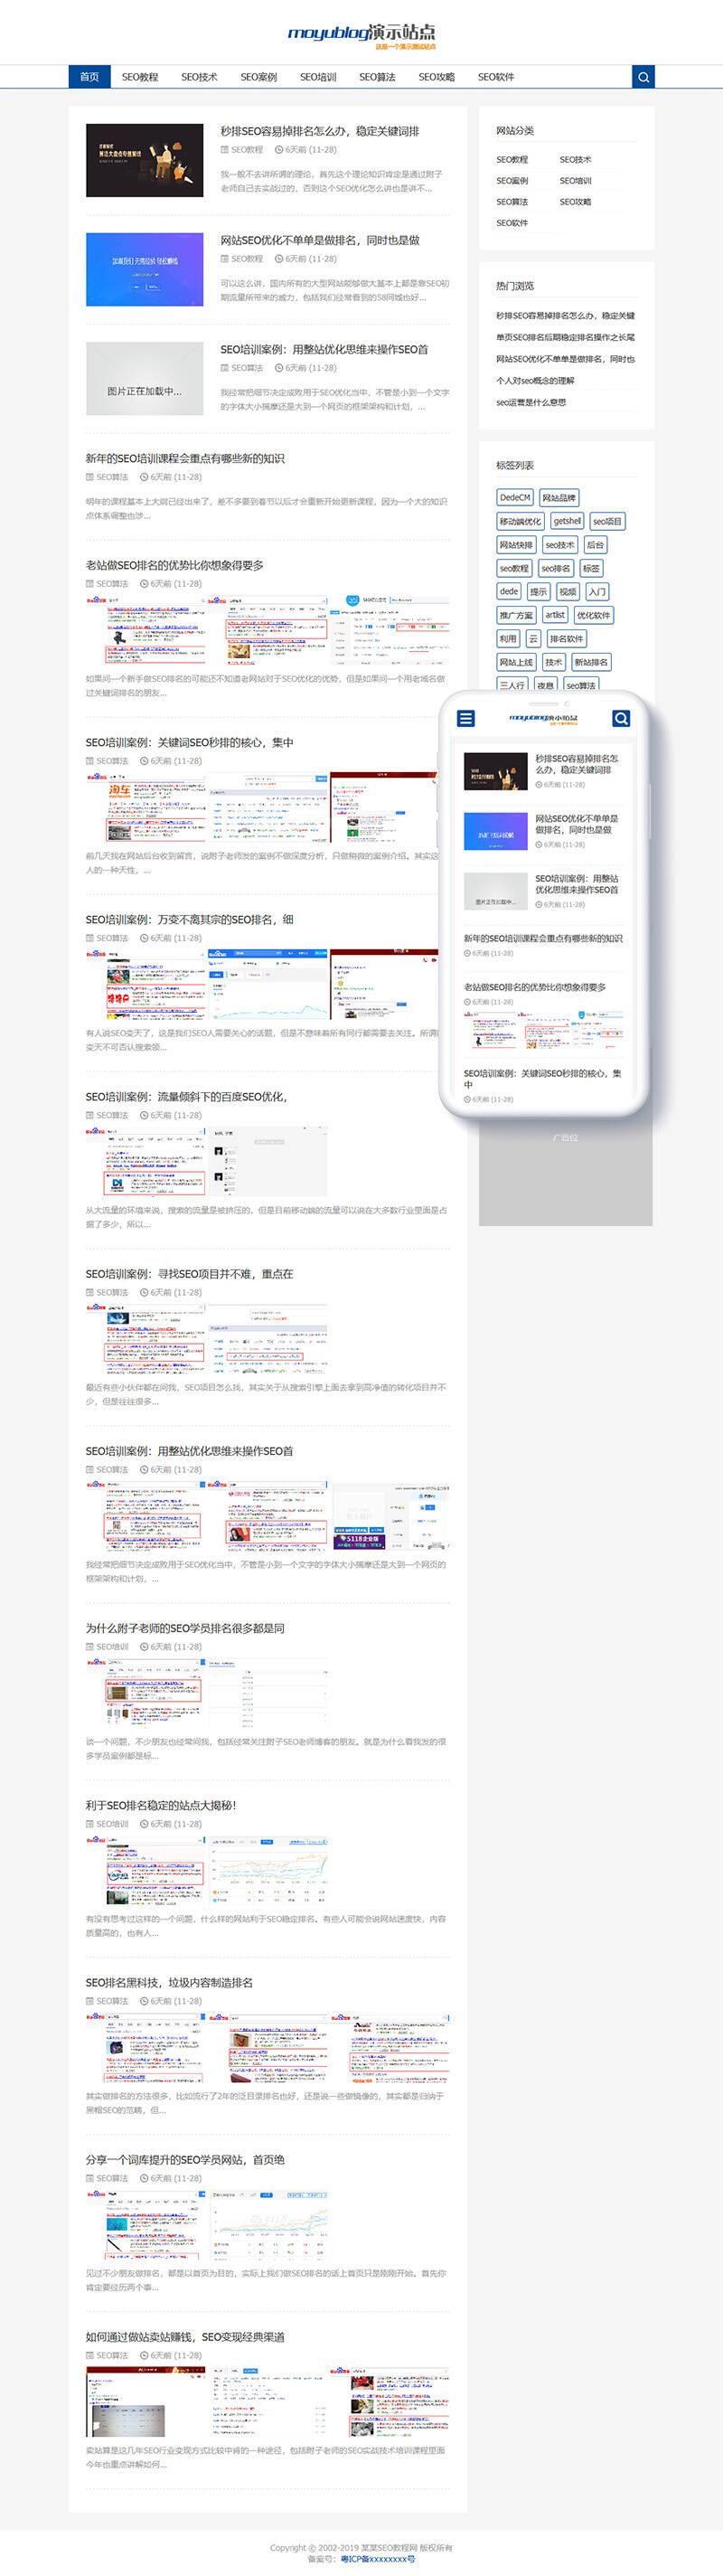 织梦dedecms 响应式SEO博客教程资讯类网站织梦模板+PC+wap+利于SEO优化